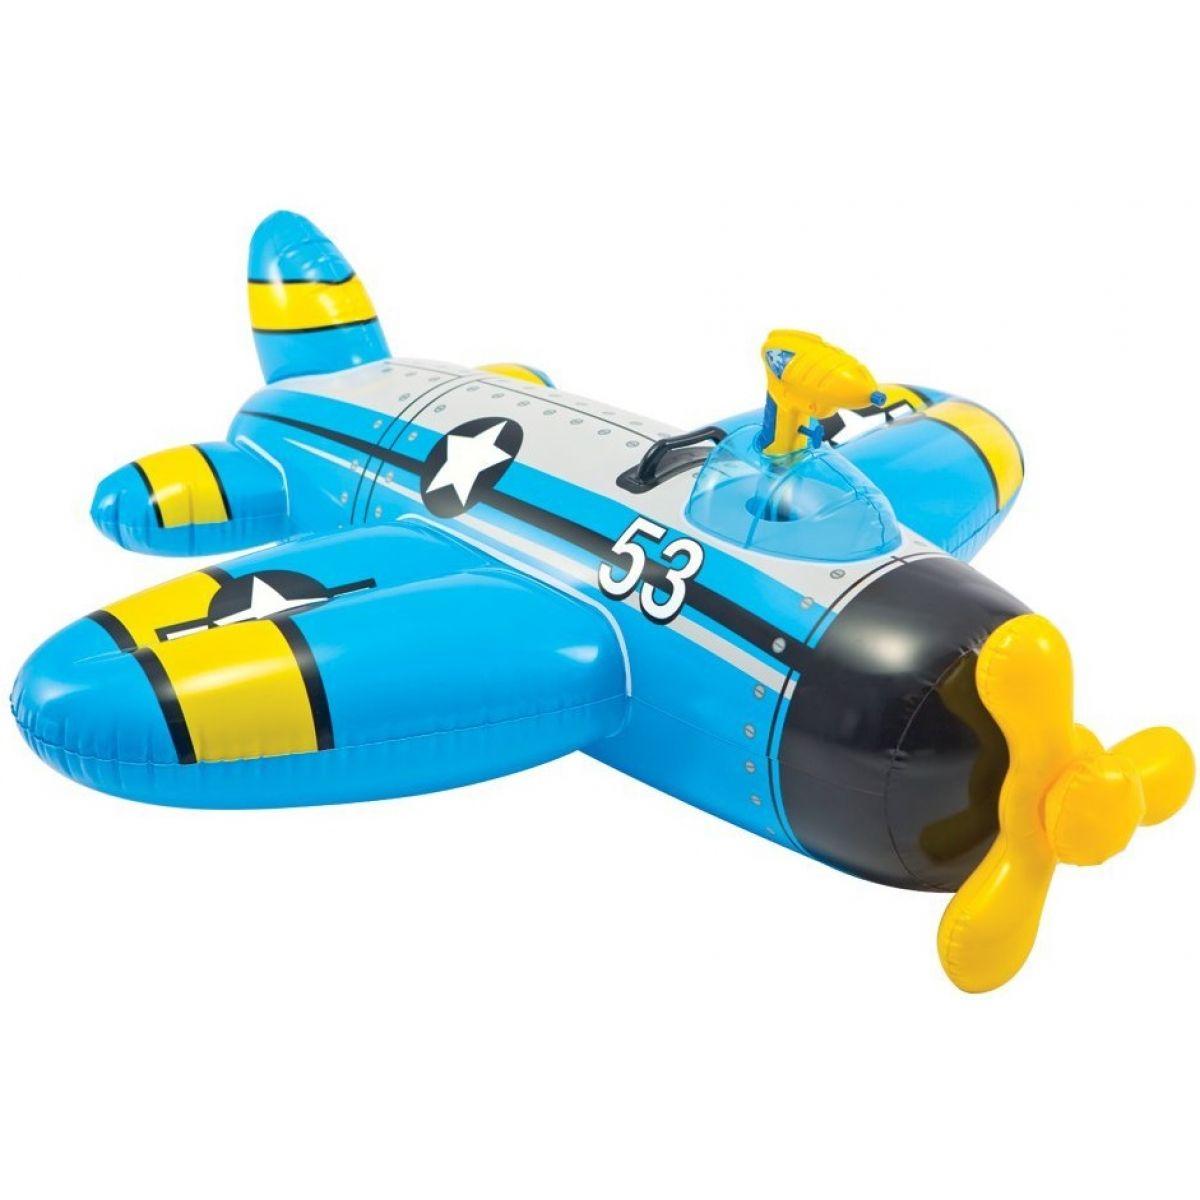 Intex 57537 Nafukovacie lietadlo 132x130 cm - Modrá